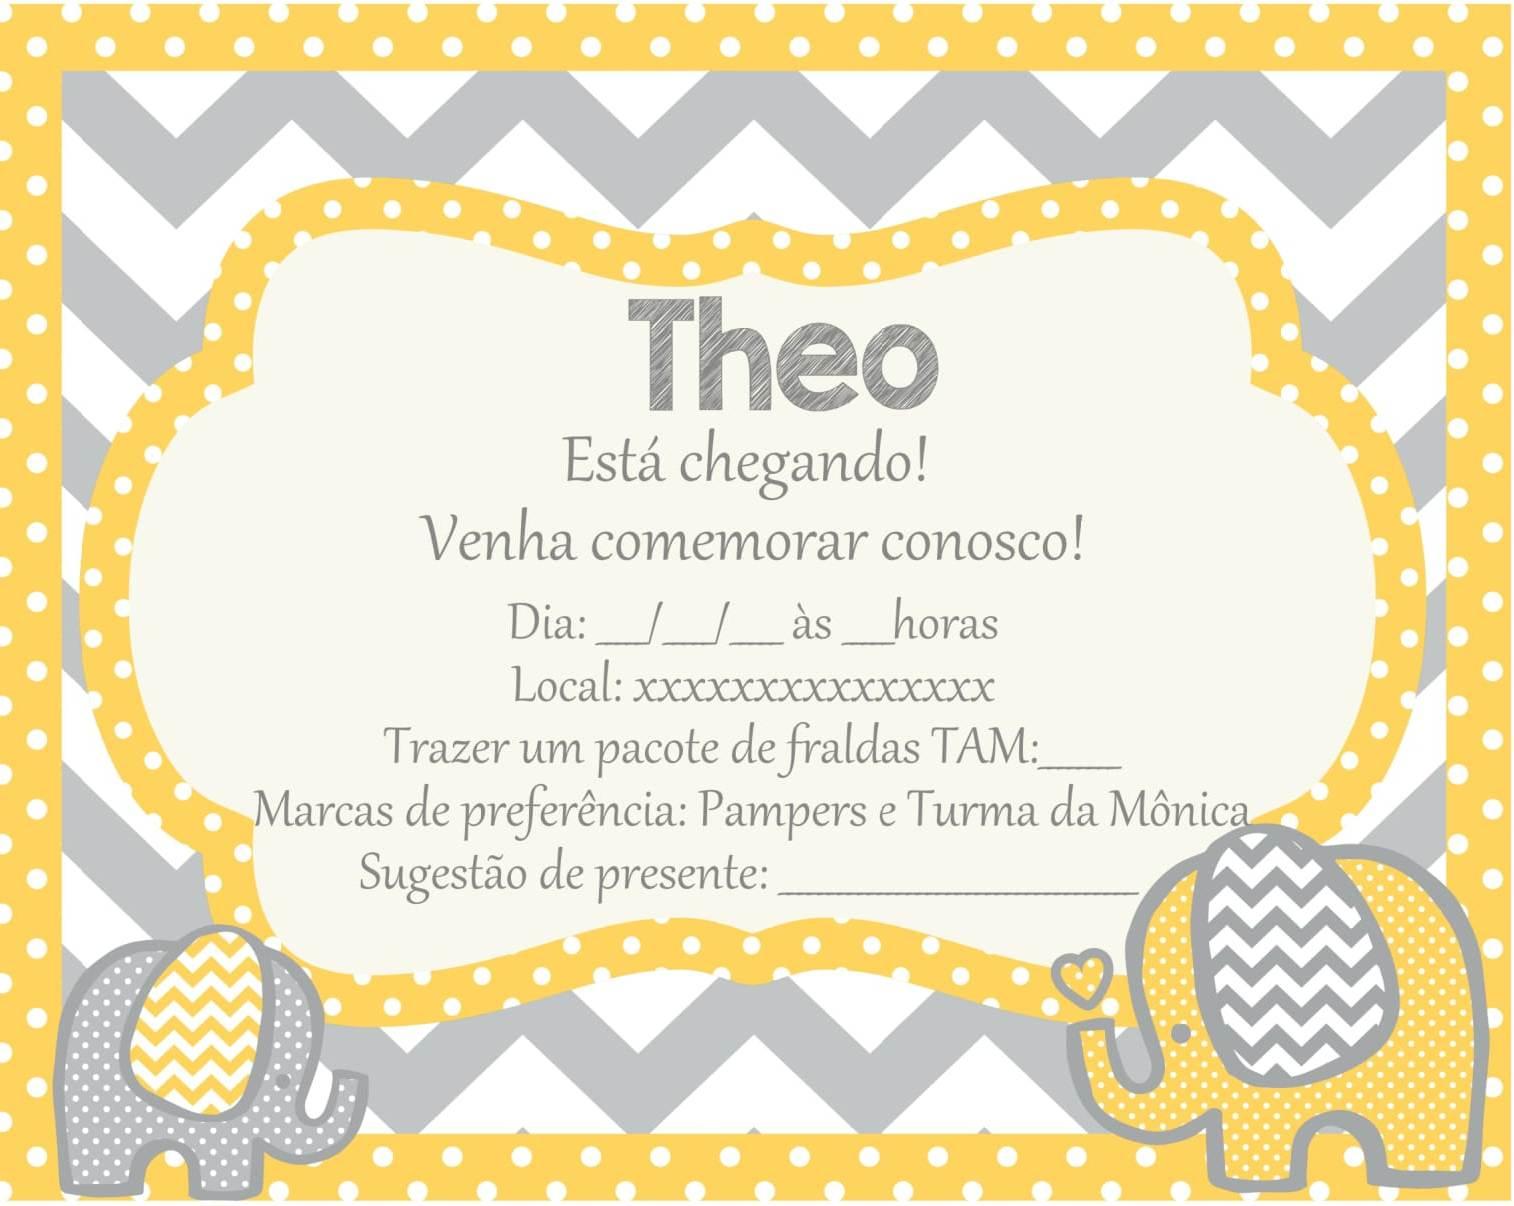 Arte Digital Convite Chá De Bebê No Elo7 Bianca Da Costa Araújo